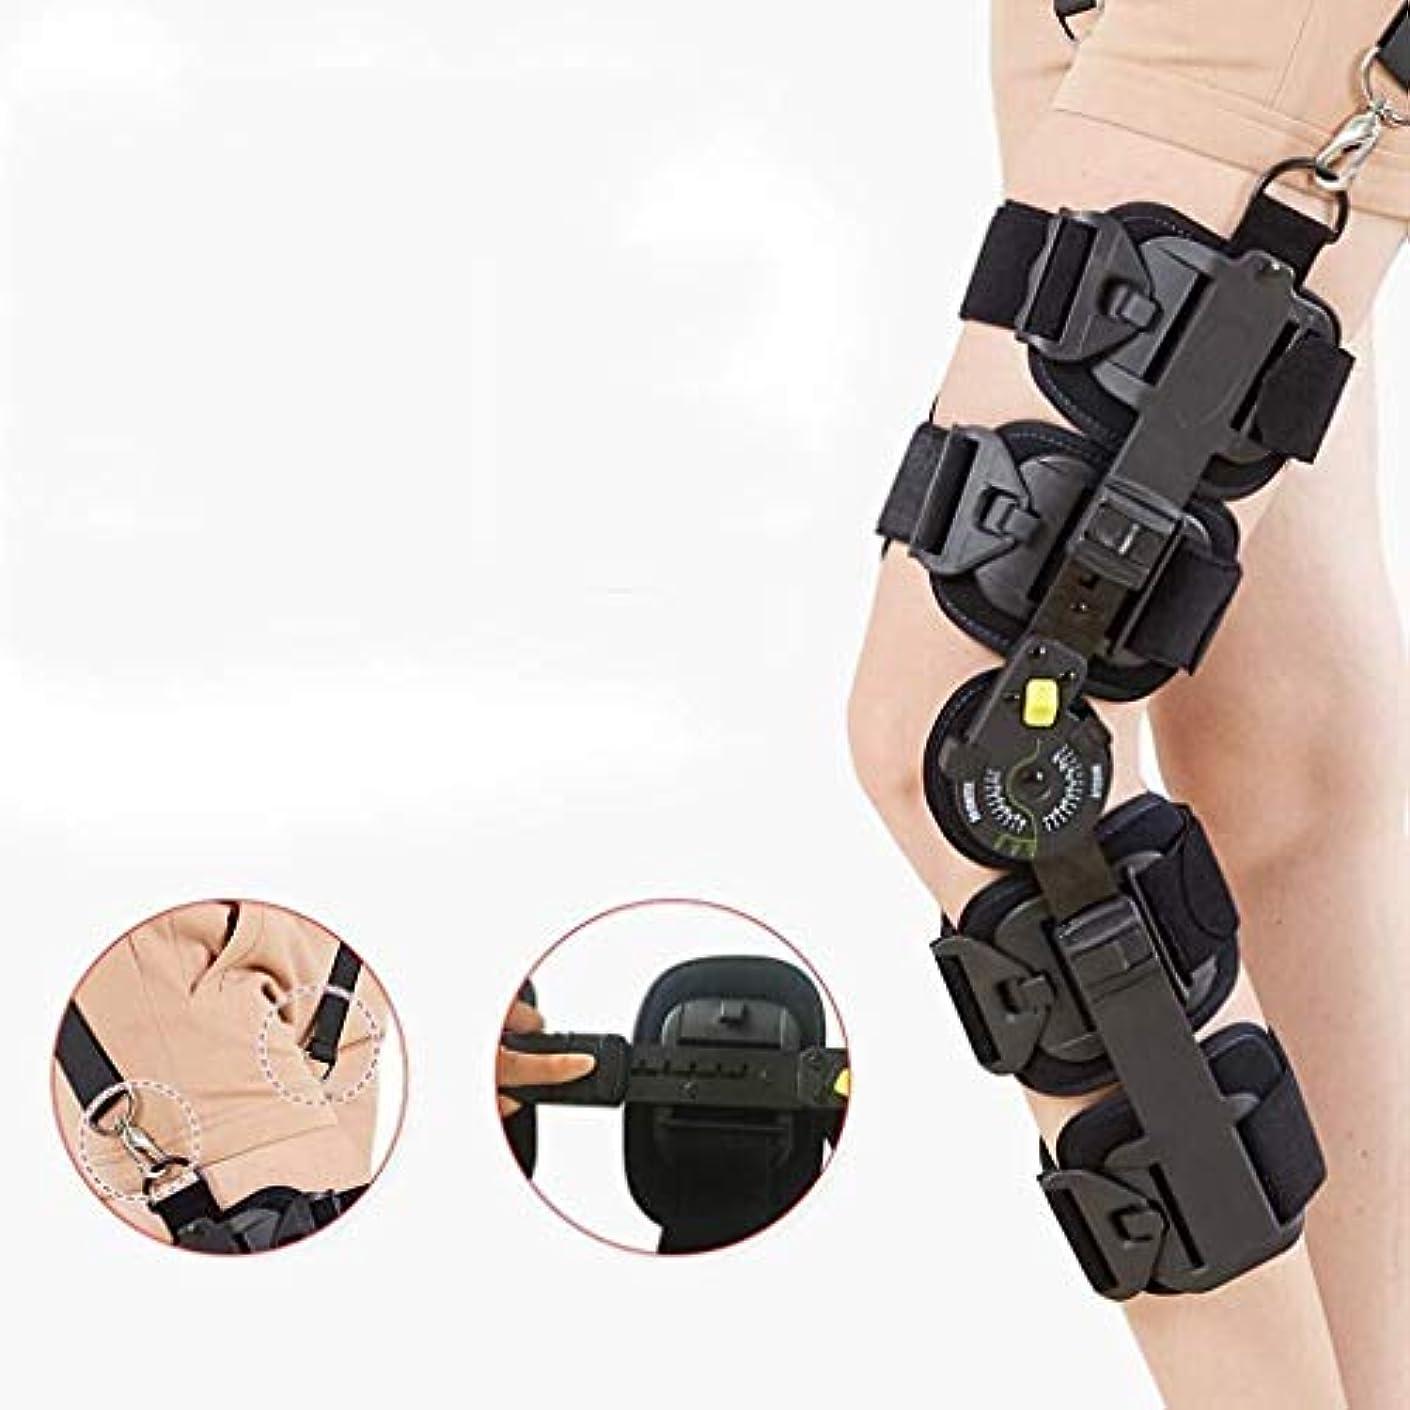 身元懐疑論眩惑するヒンジ付き膝装具-腫れたACL、腱、靭帯、および半月板の損傷に対する調節可能なオープン膝蓋骨サポート-ランニング、レスリング、関節炎の関節の運動圧縮ラップ